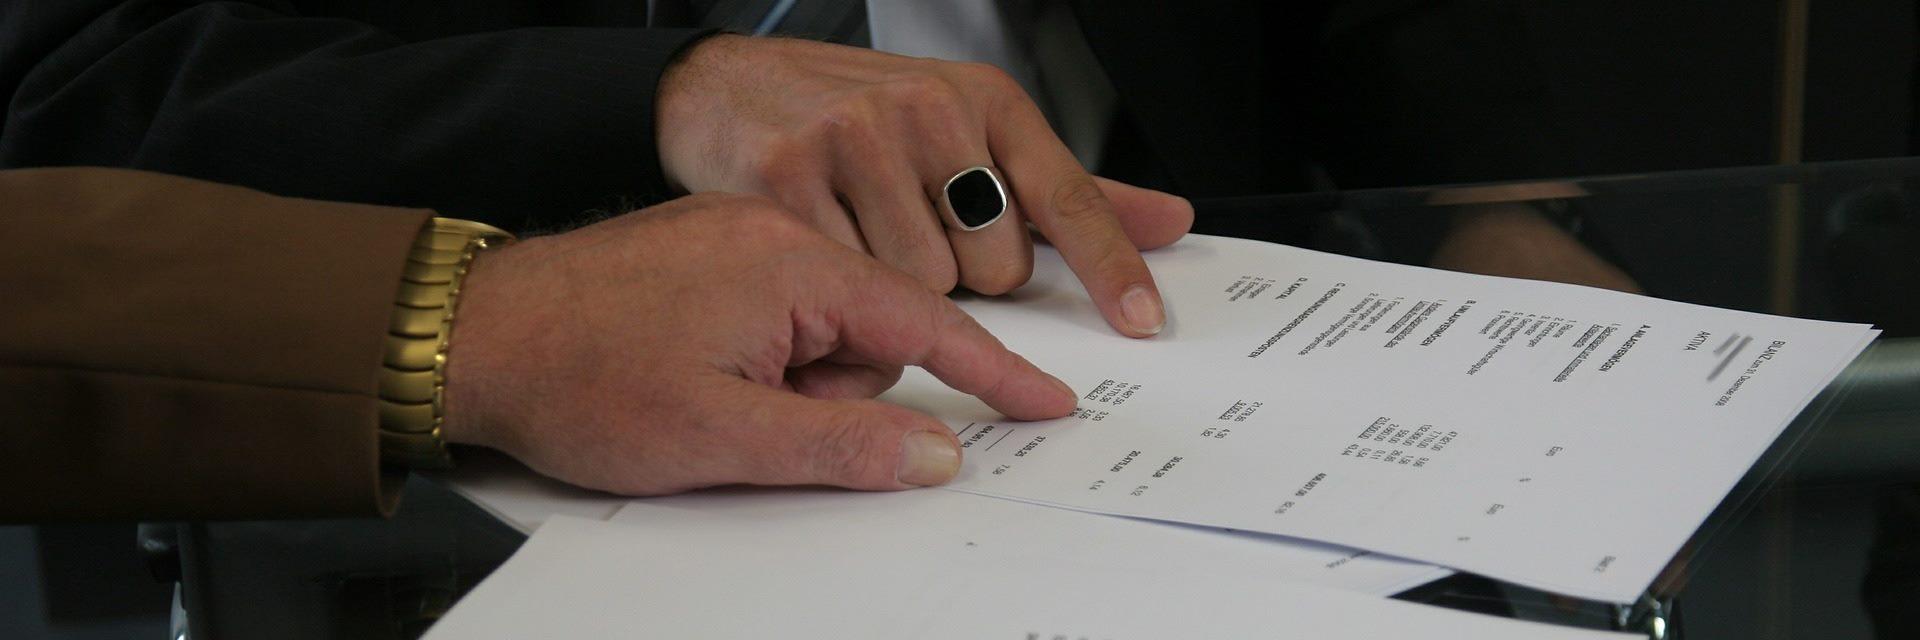 İşletme Yönetimi 2021 Taban Puanları ve Başarı Sıralamaları